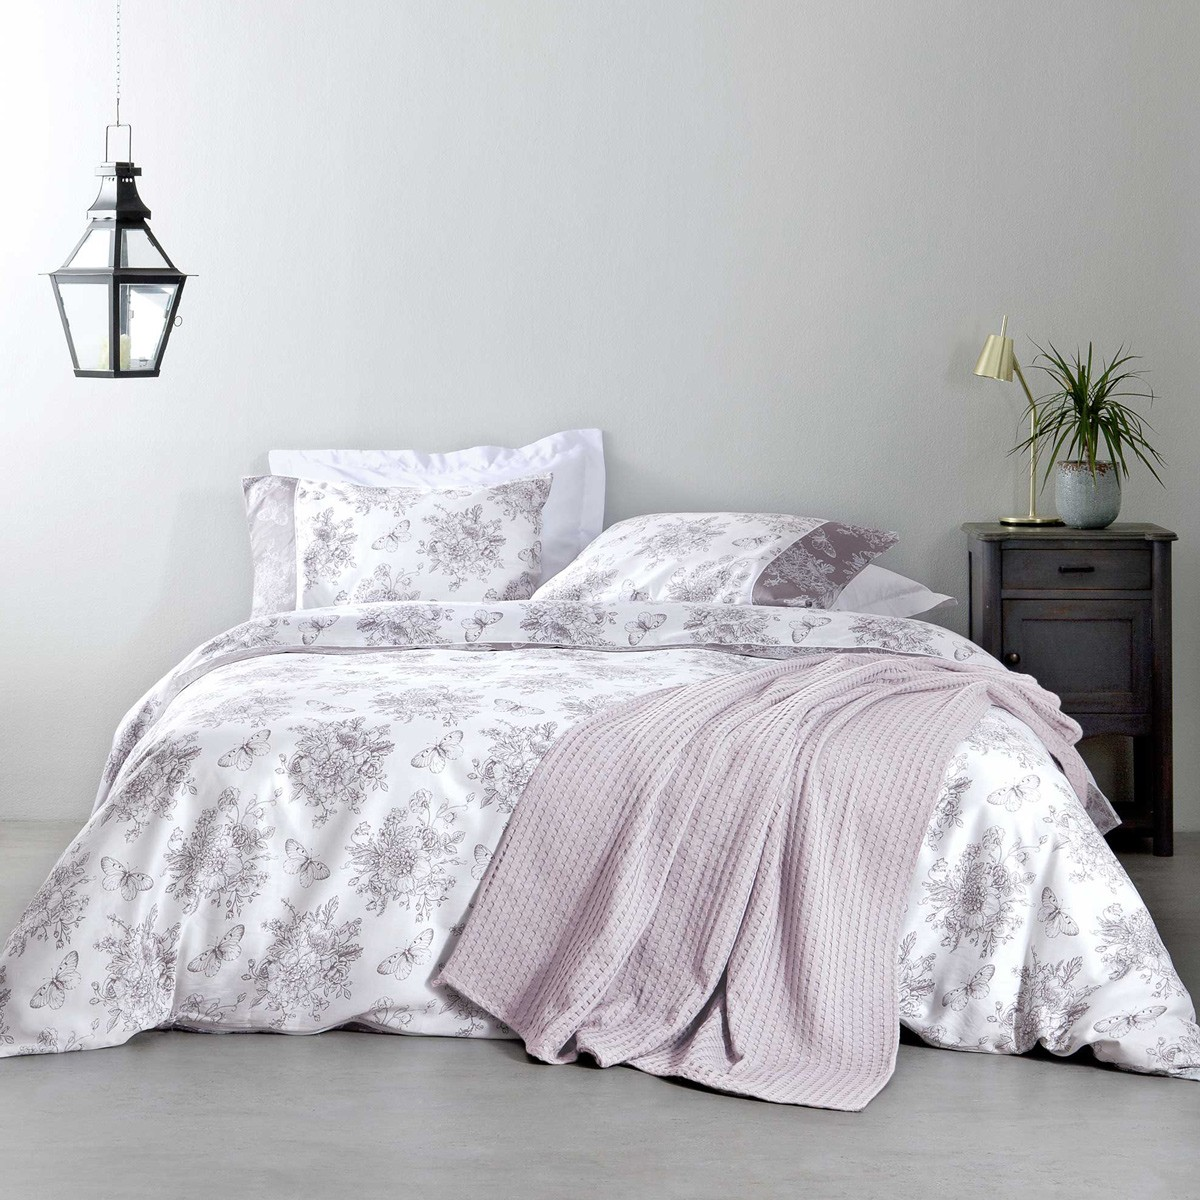 Κουβερλί Υπέρδιπλο Nima Bed Linen Whitehall Moca